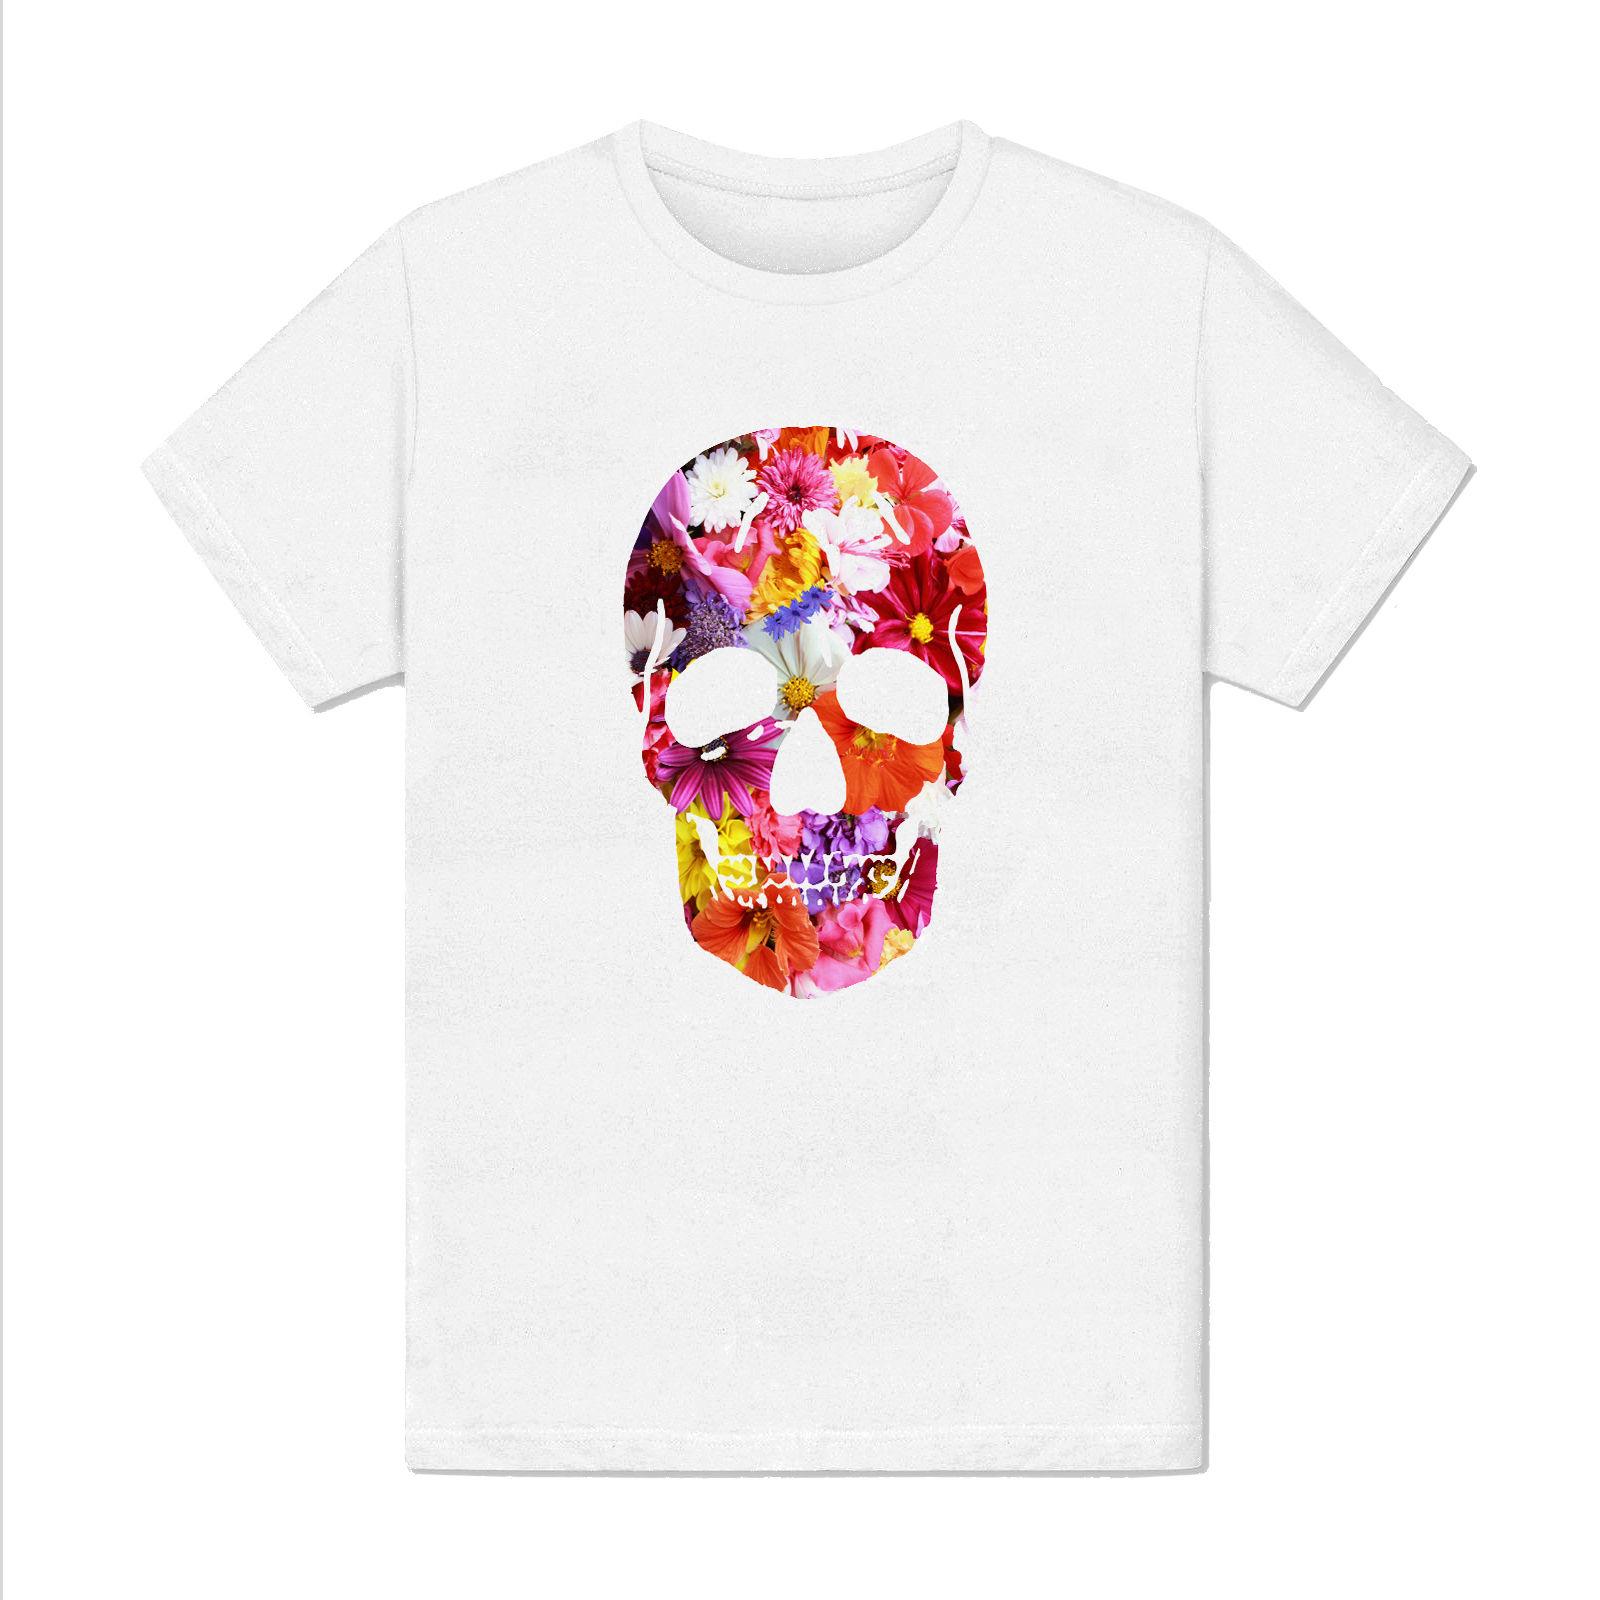 T-shirt Homme - Fleur Skull - Design jour des morts hommage paix mort mode